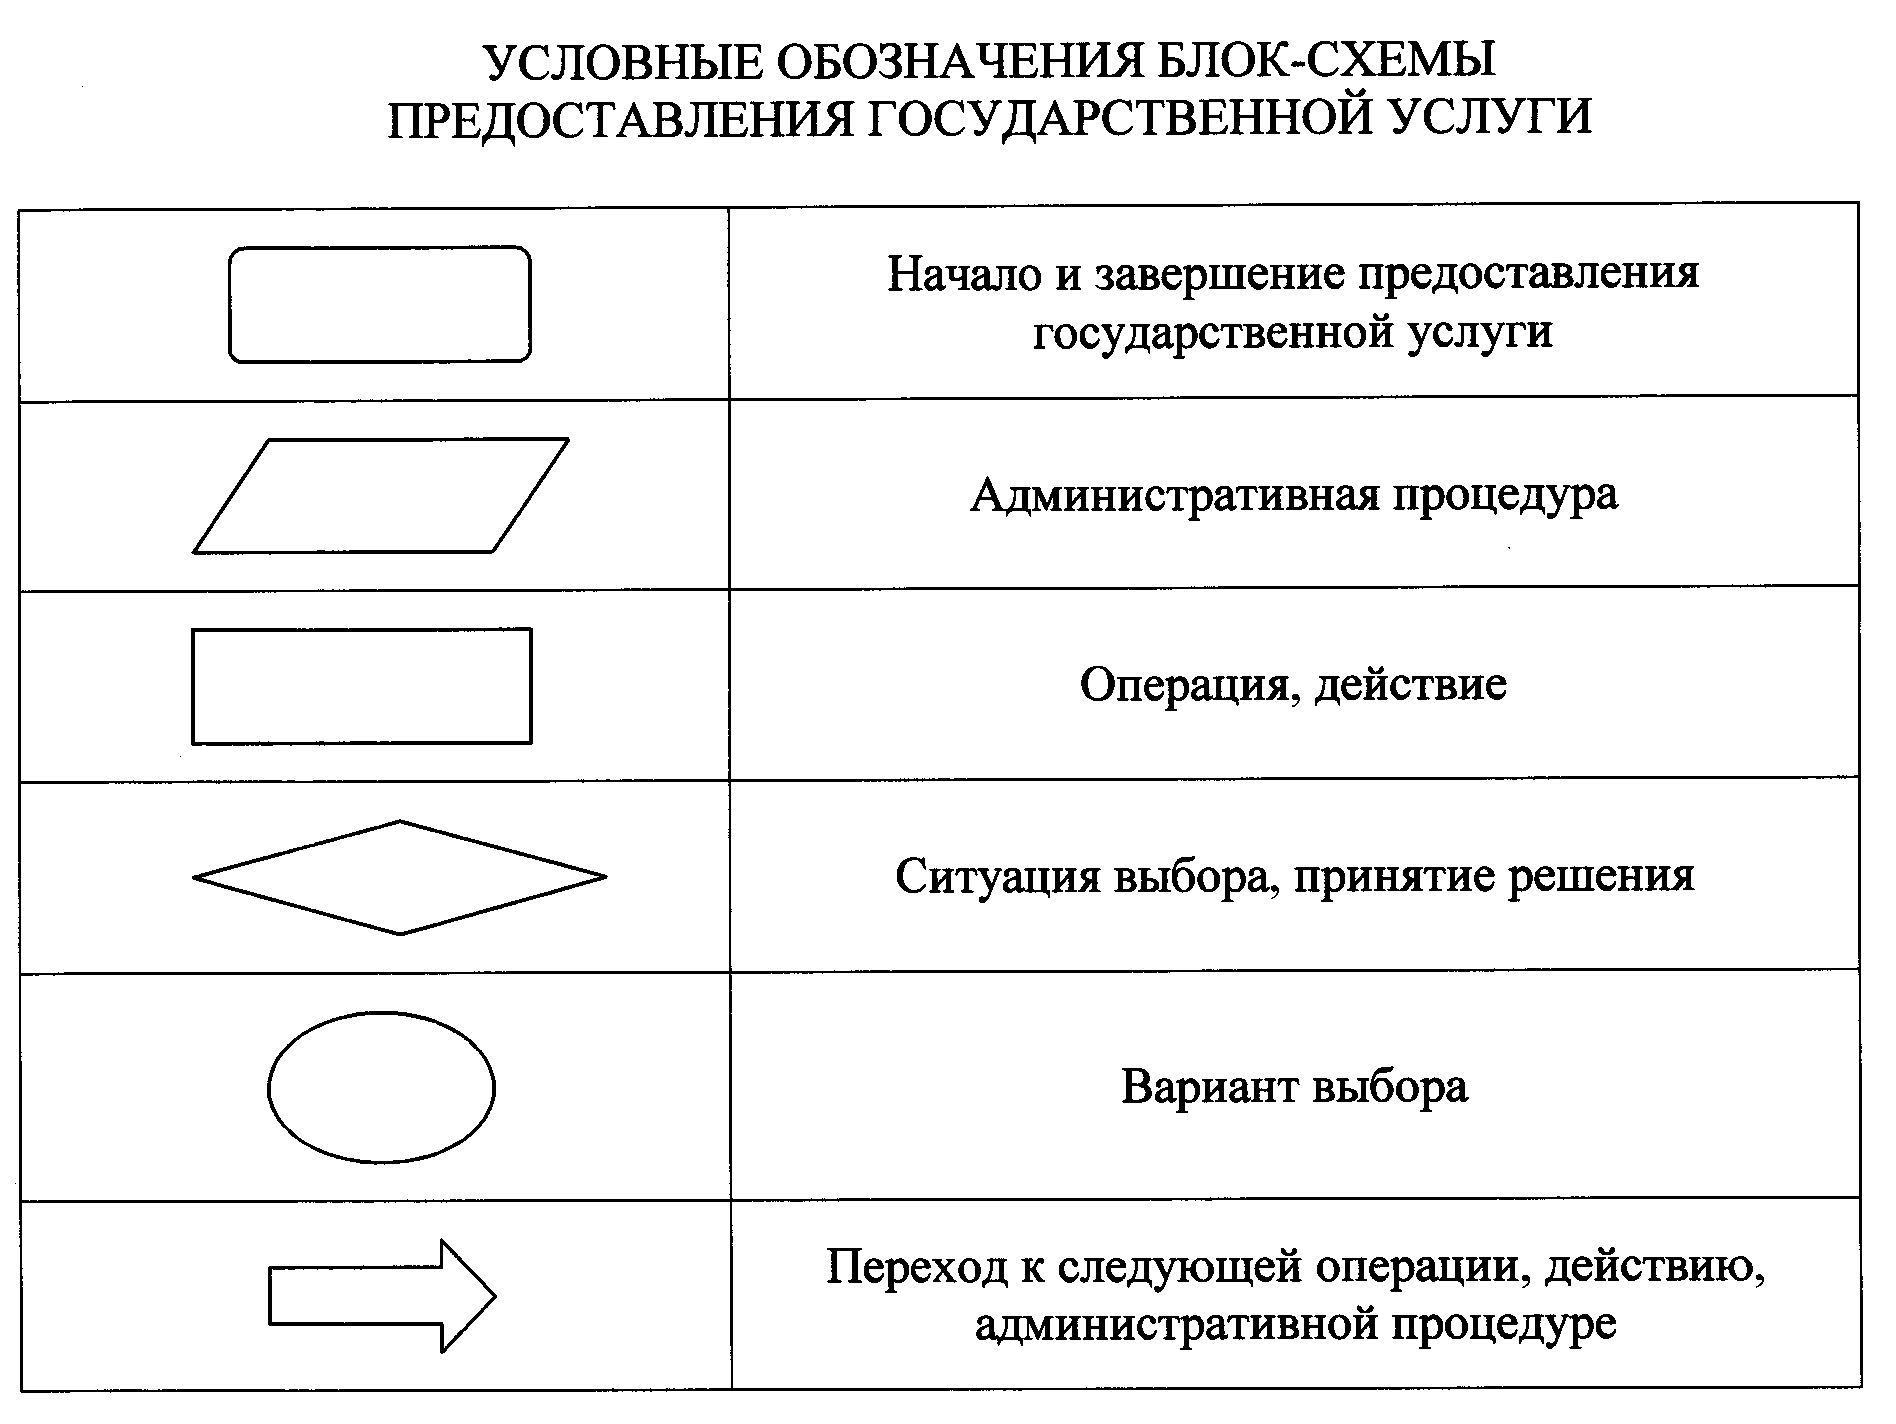 Положения административного регламента № 64 о гражданстве РФ — Гражданство онлайн